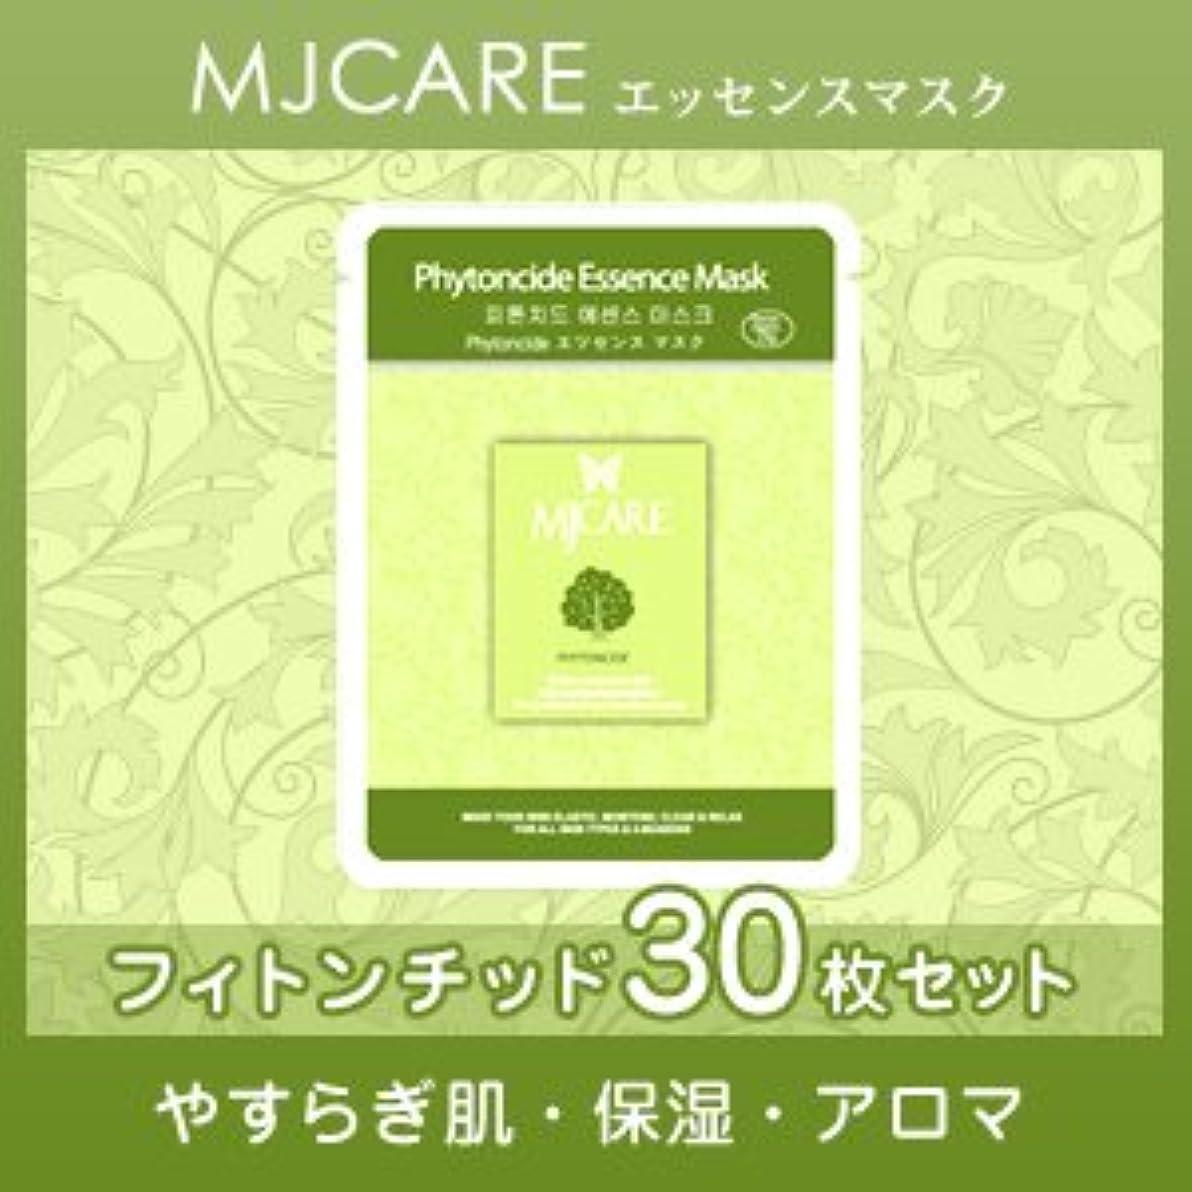 五十歩行者恵みMJCARE (エムジェイケア) フィトンチッド エッセンスマスク 30セット